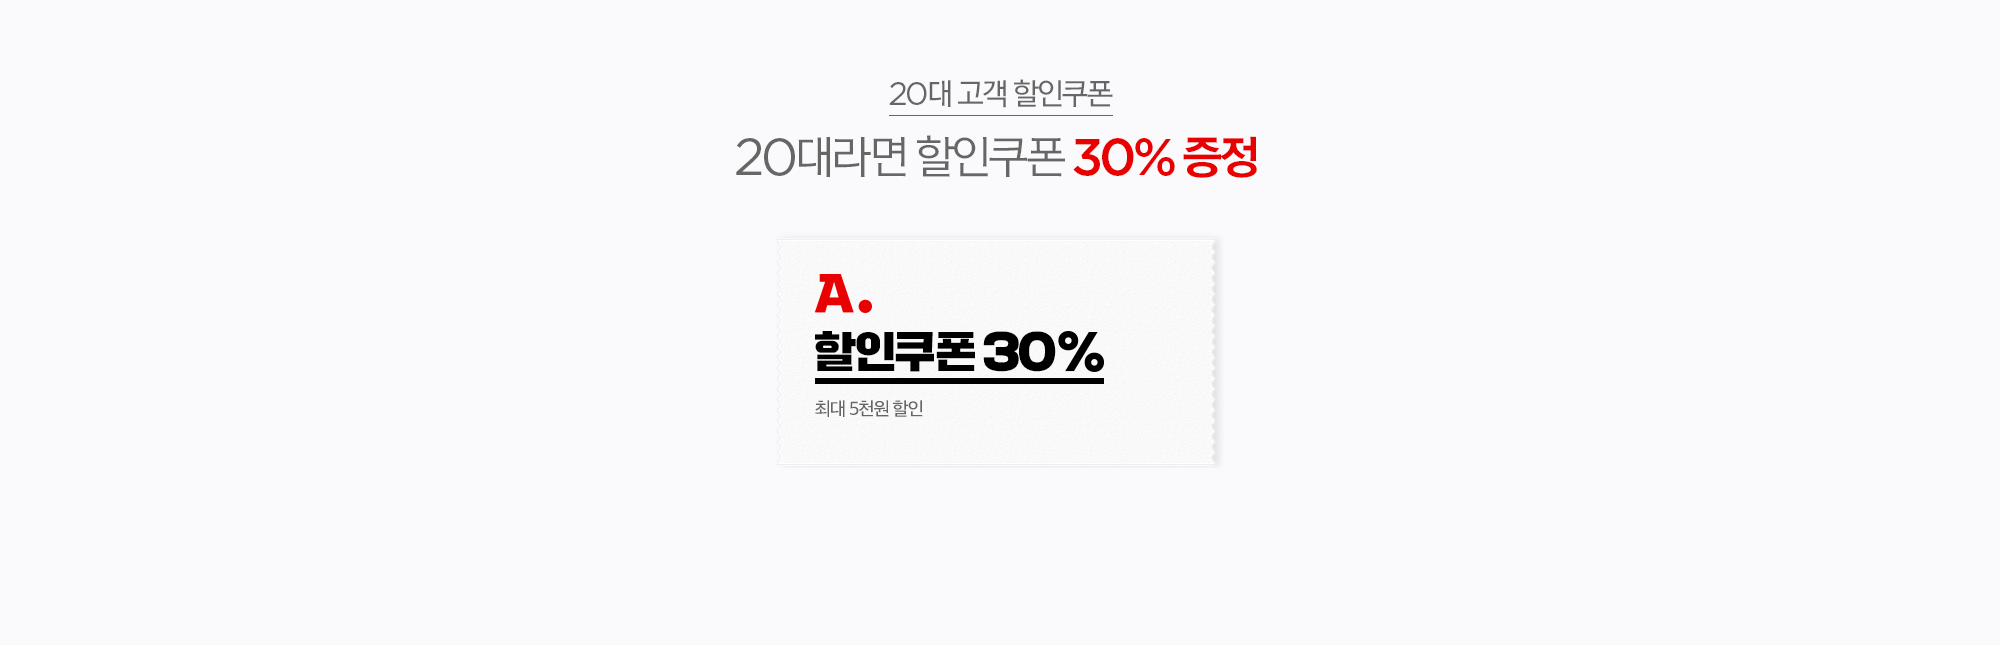 웰컴 & 컴백 & 20대 고객 추가 혜택